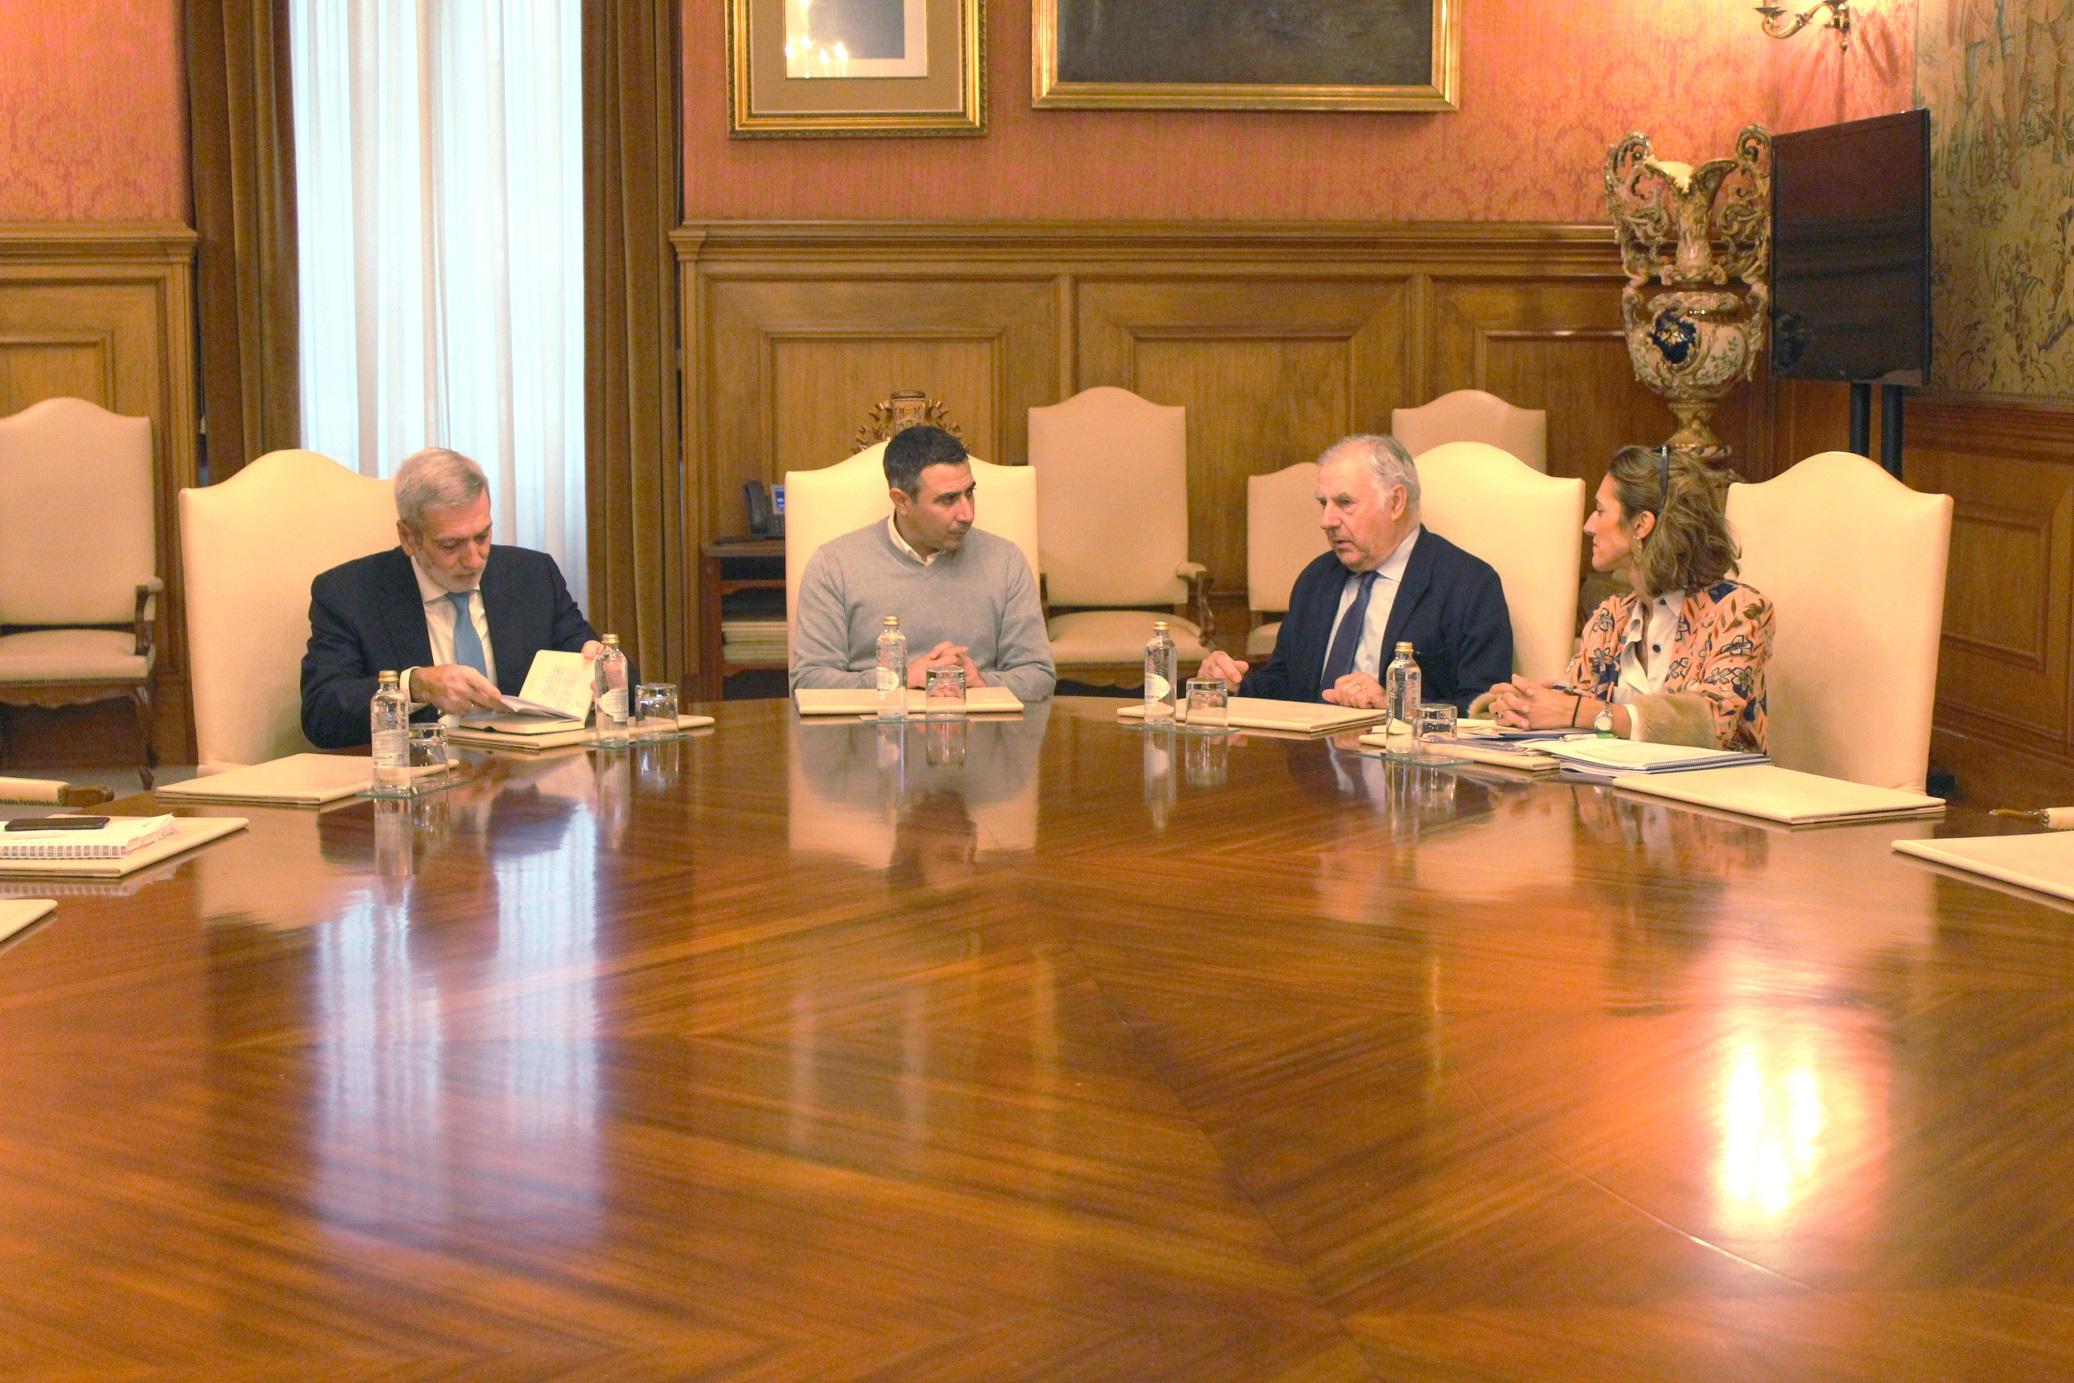 La Diputación de Pontevedra y la Ruta do Viño Rías Baixas organizan una nueva edición de la Cata Amateur